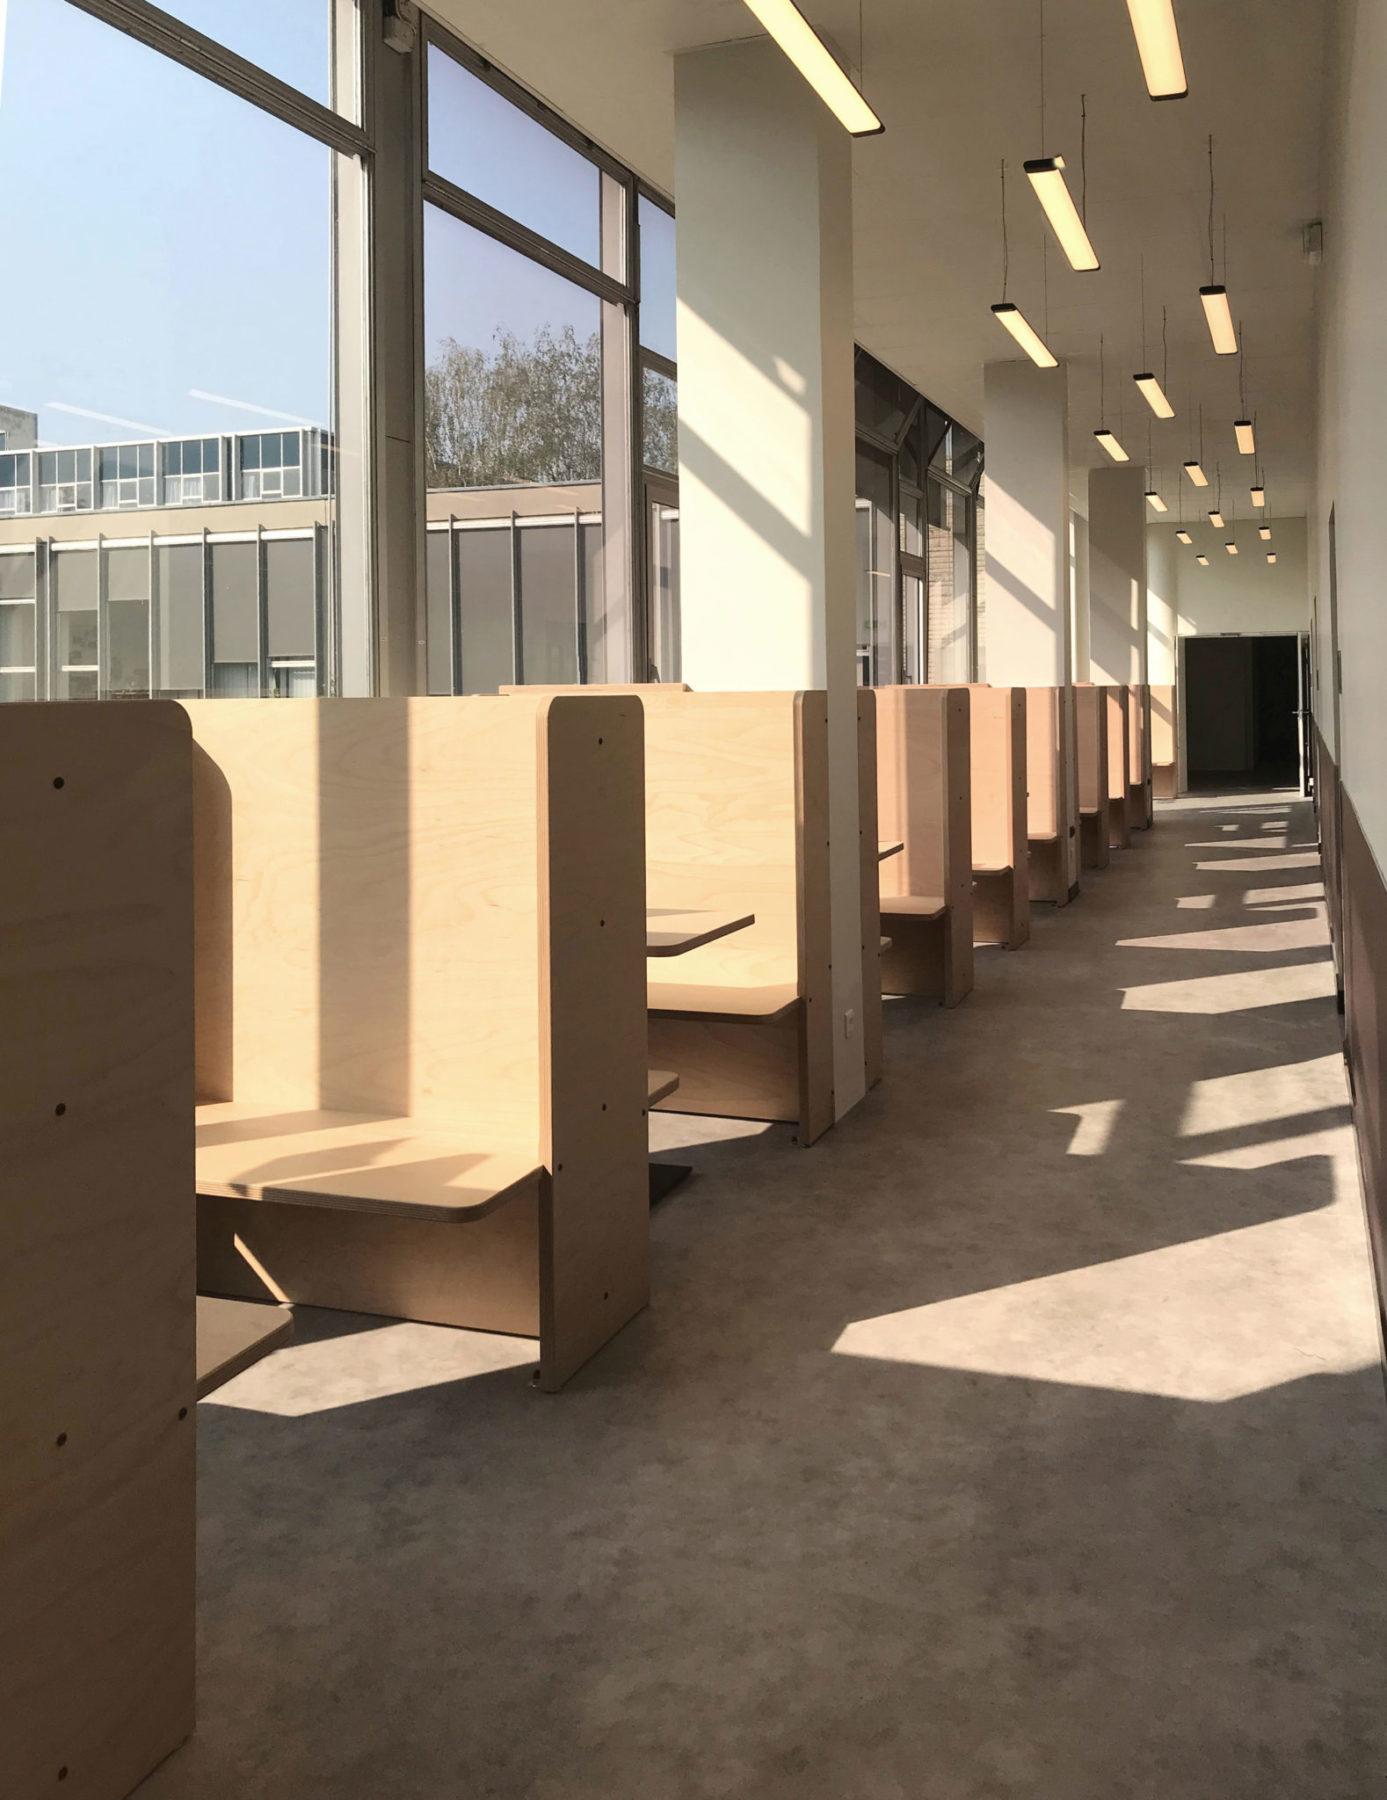 Box de travail en bois Okoumé par Louis Denavaut inspiré par Donald Judd. Vue perspective couloir bibliothèque grande école HEC Paris